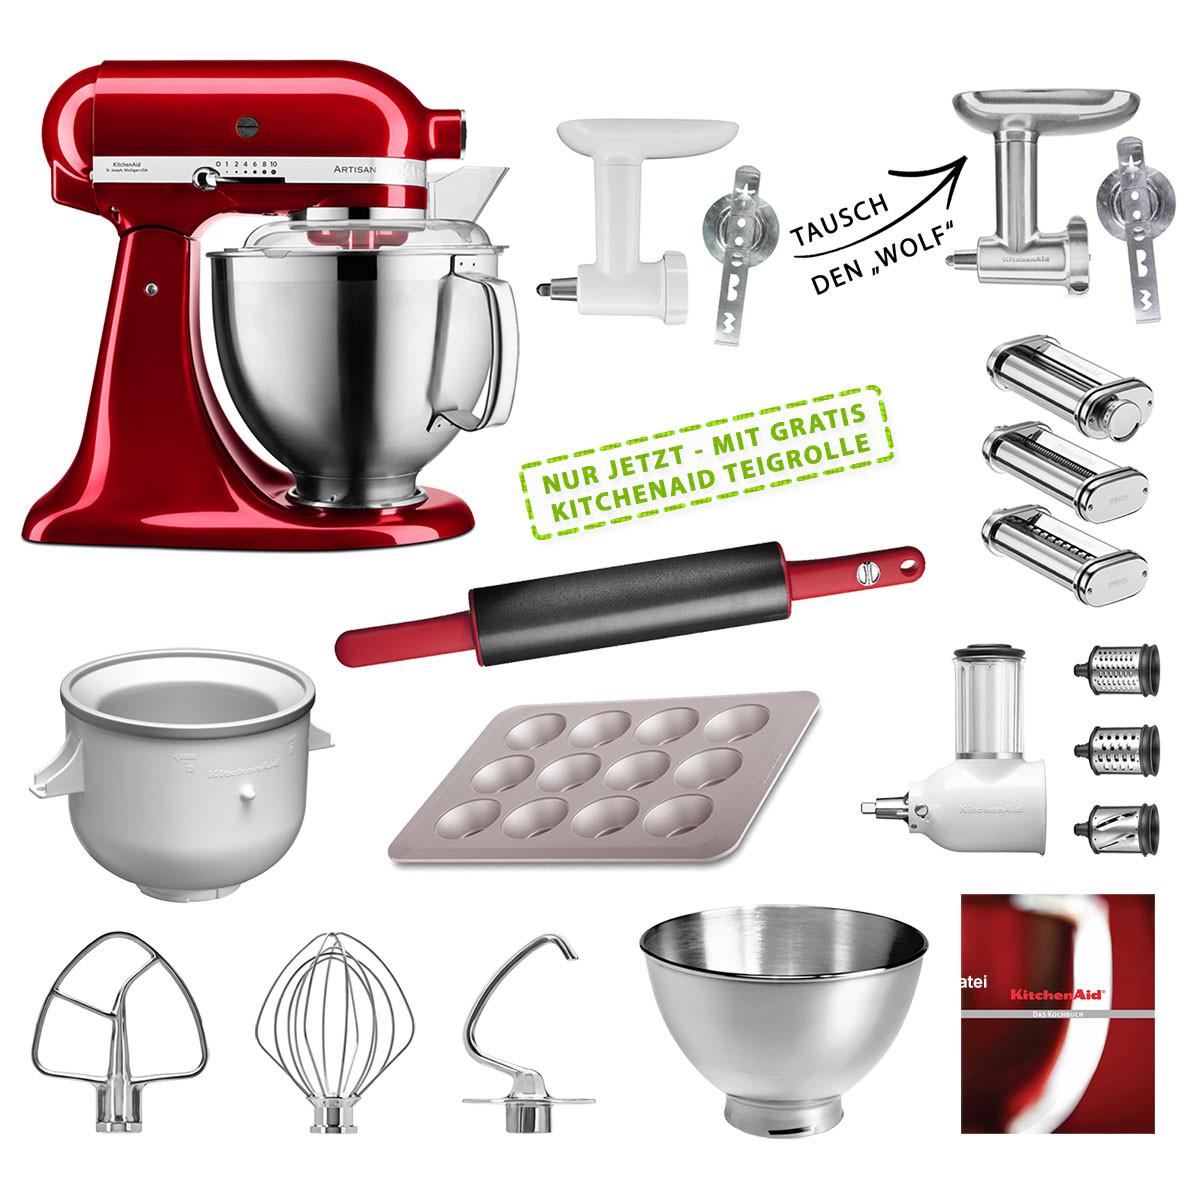 KitchenAid Küchenmaschine 185PS Mega-Paket versch. Farben im Suhl Shop